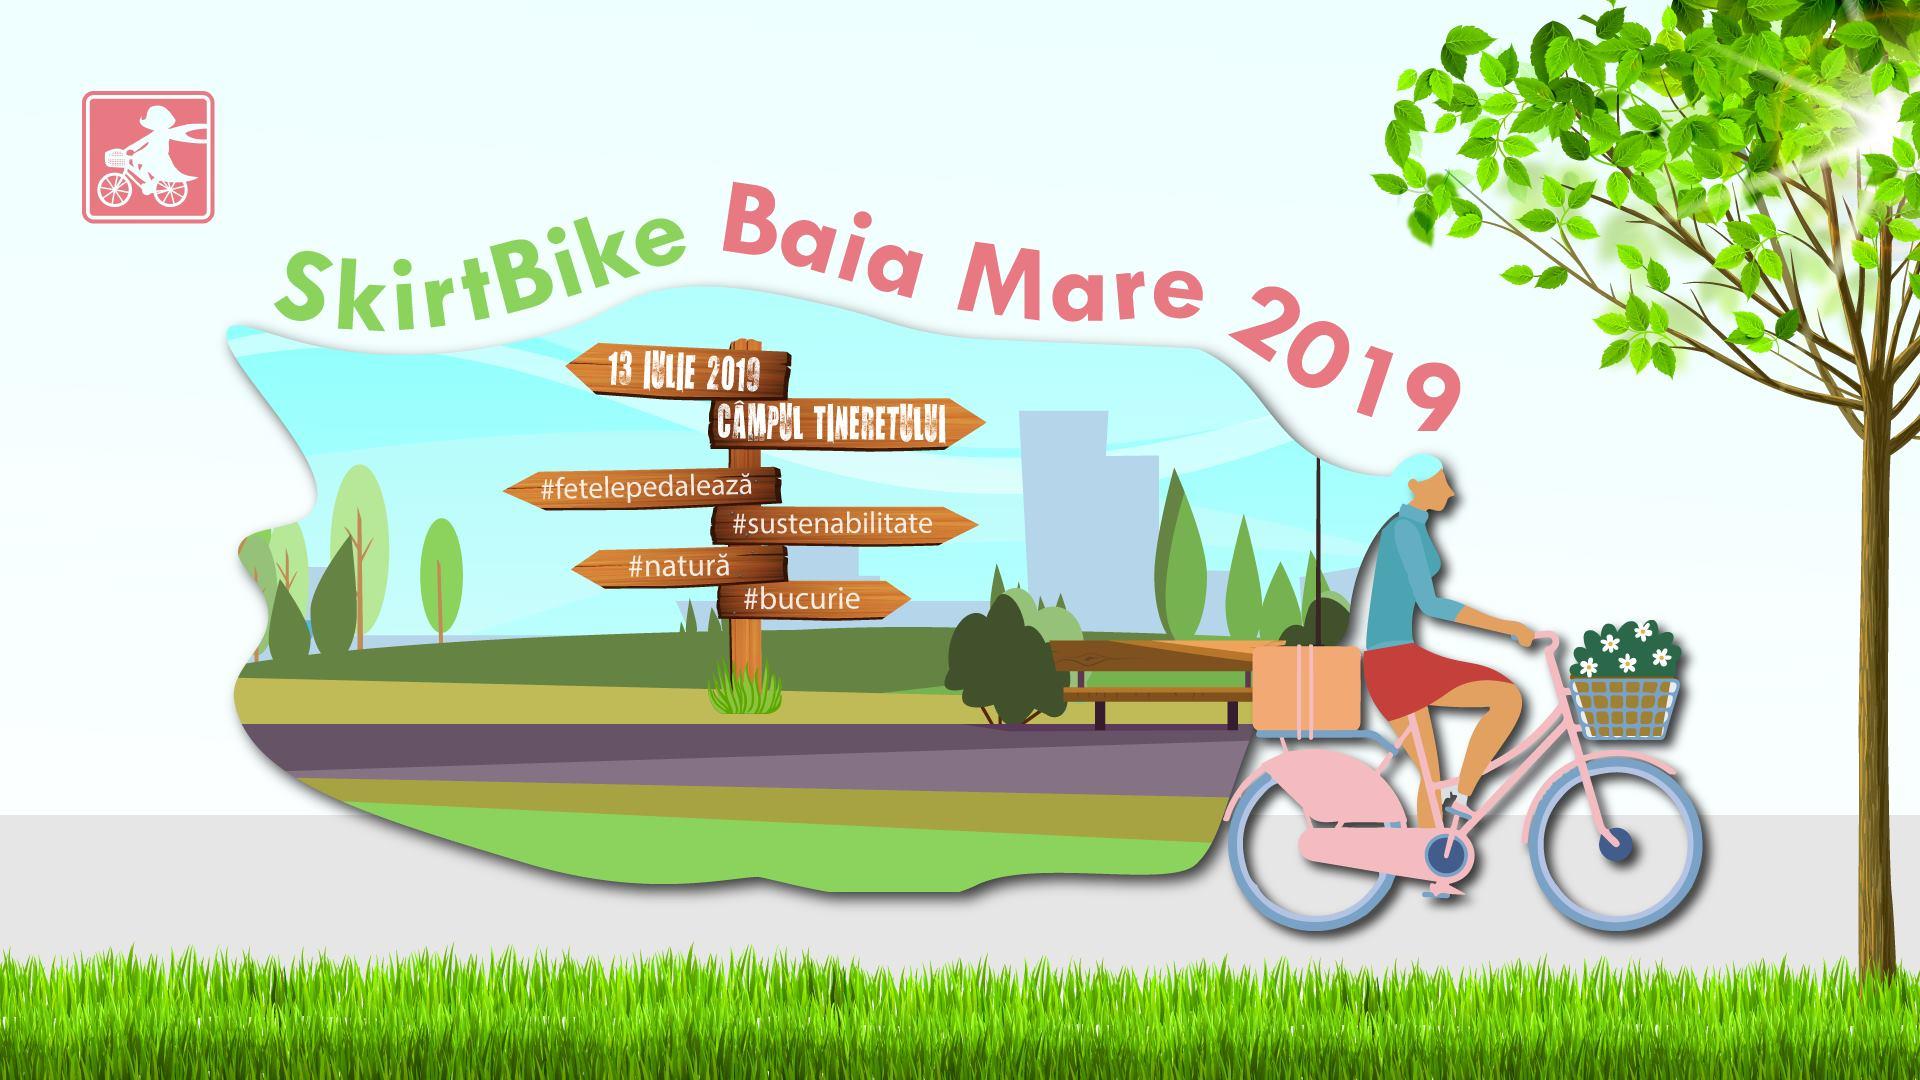 SkirtBike Baia Mare 2019